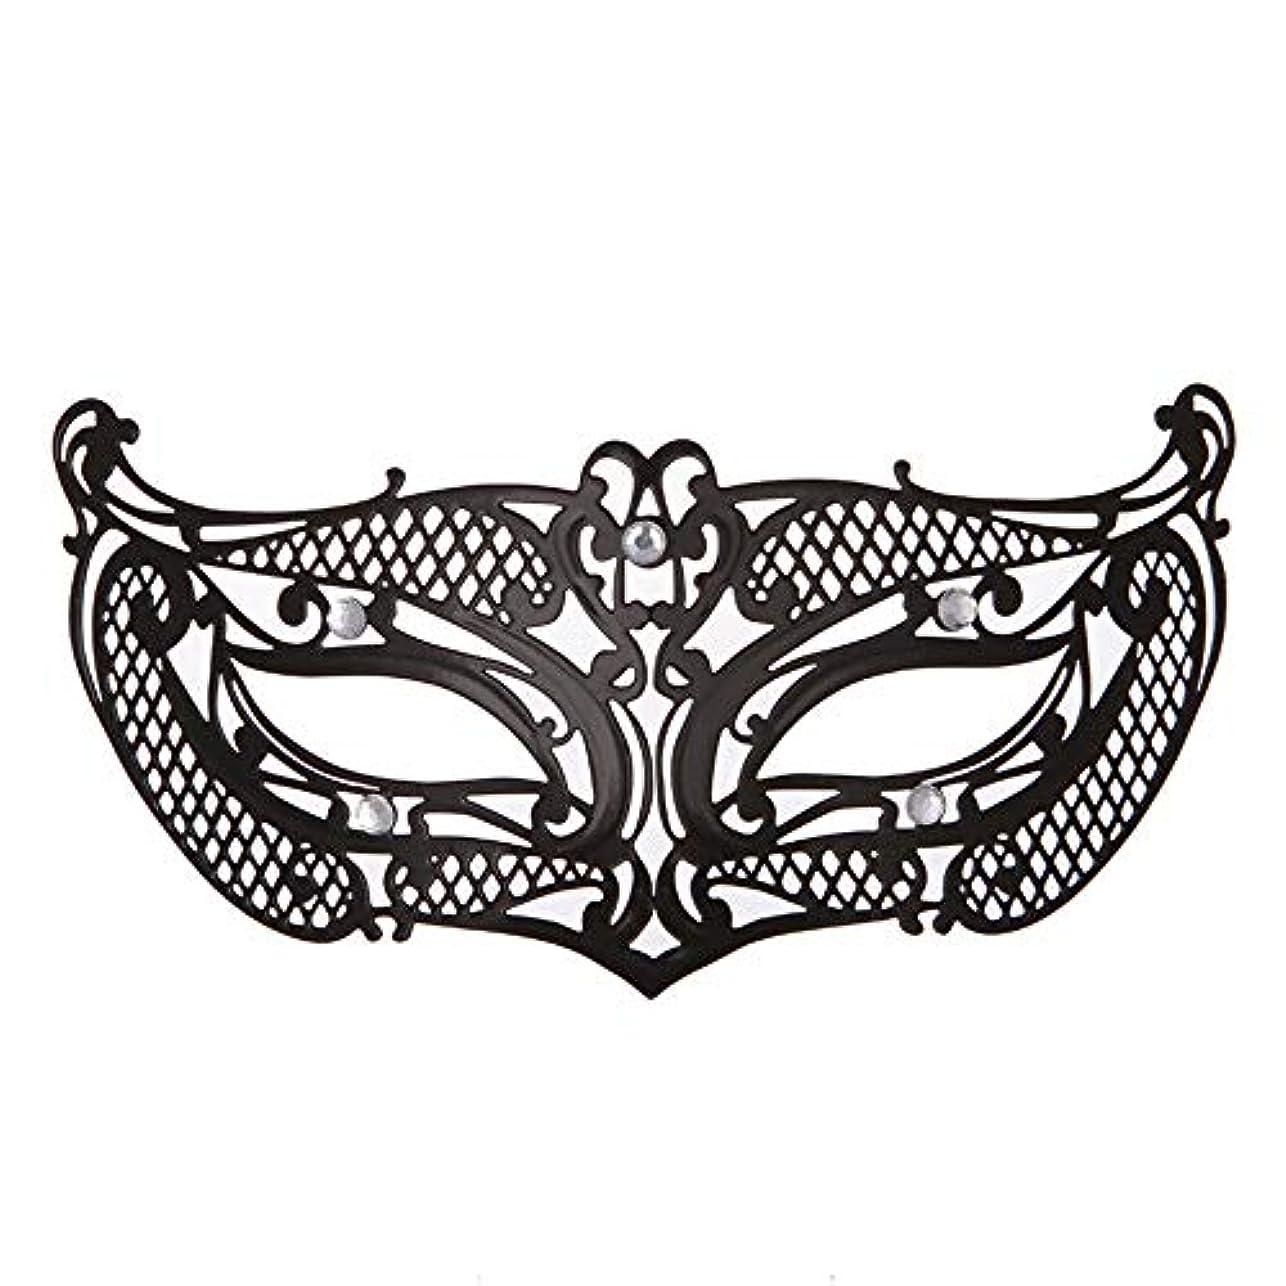 不適当ルネッサンス勝者ダンスマスク アイアンメタリックレースとダイヤモンドハーフマスクハロウィンダンスマスクナイトクラブボールマスクコスプレパーティーハロウィンマスク ホリデーパーティー用品 (色 : ブラック, サイズ : 19x8cm)